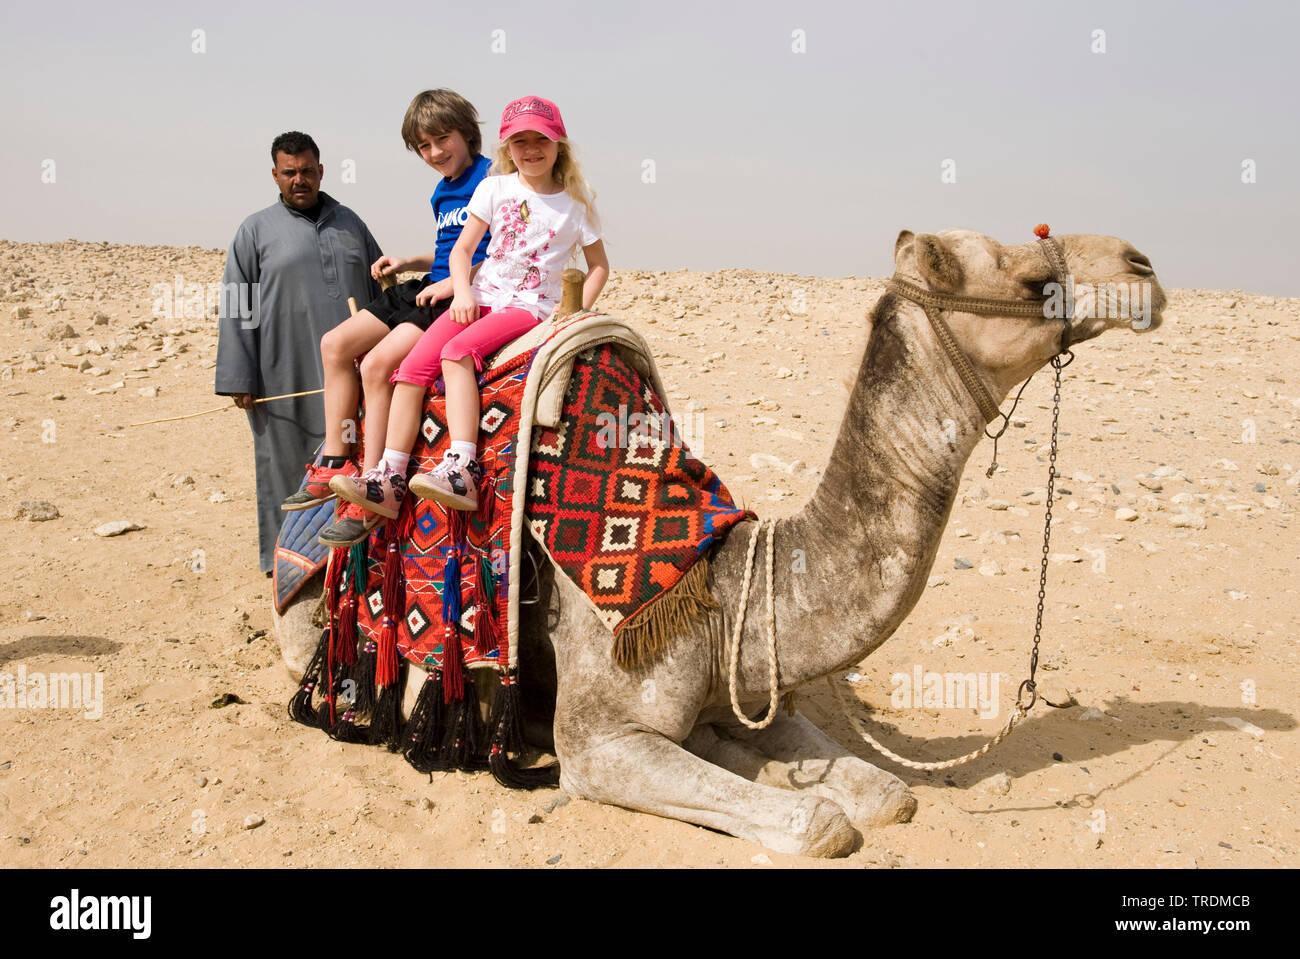 Trampeltier, Zweihoeckriges Kamel (Camelus bactrianus), Touristen am Kamel in Gizeh, Aegypten, Gizeh   Bactrian camel, two-humped camel (Camelus bactr - Stock Image